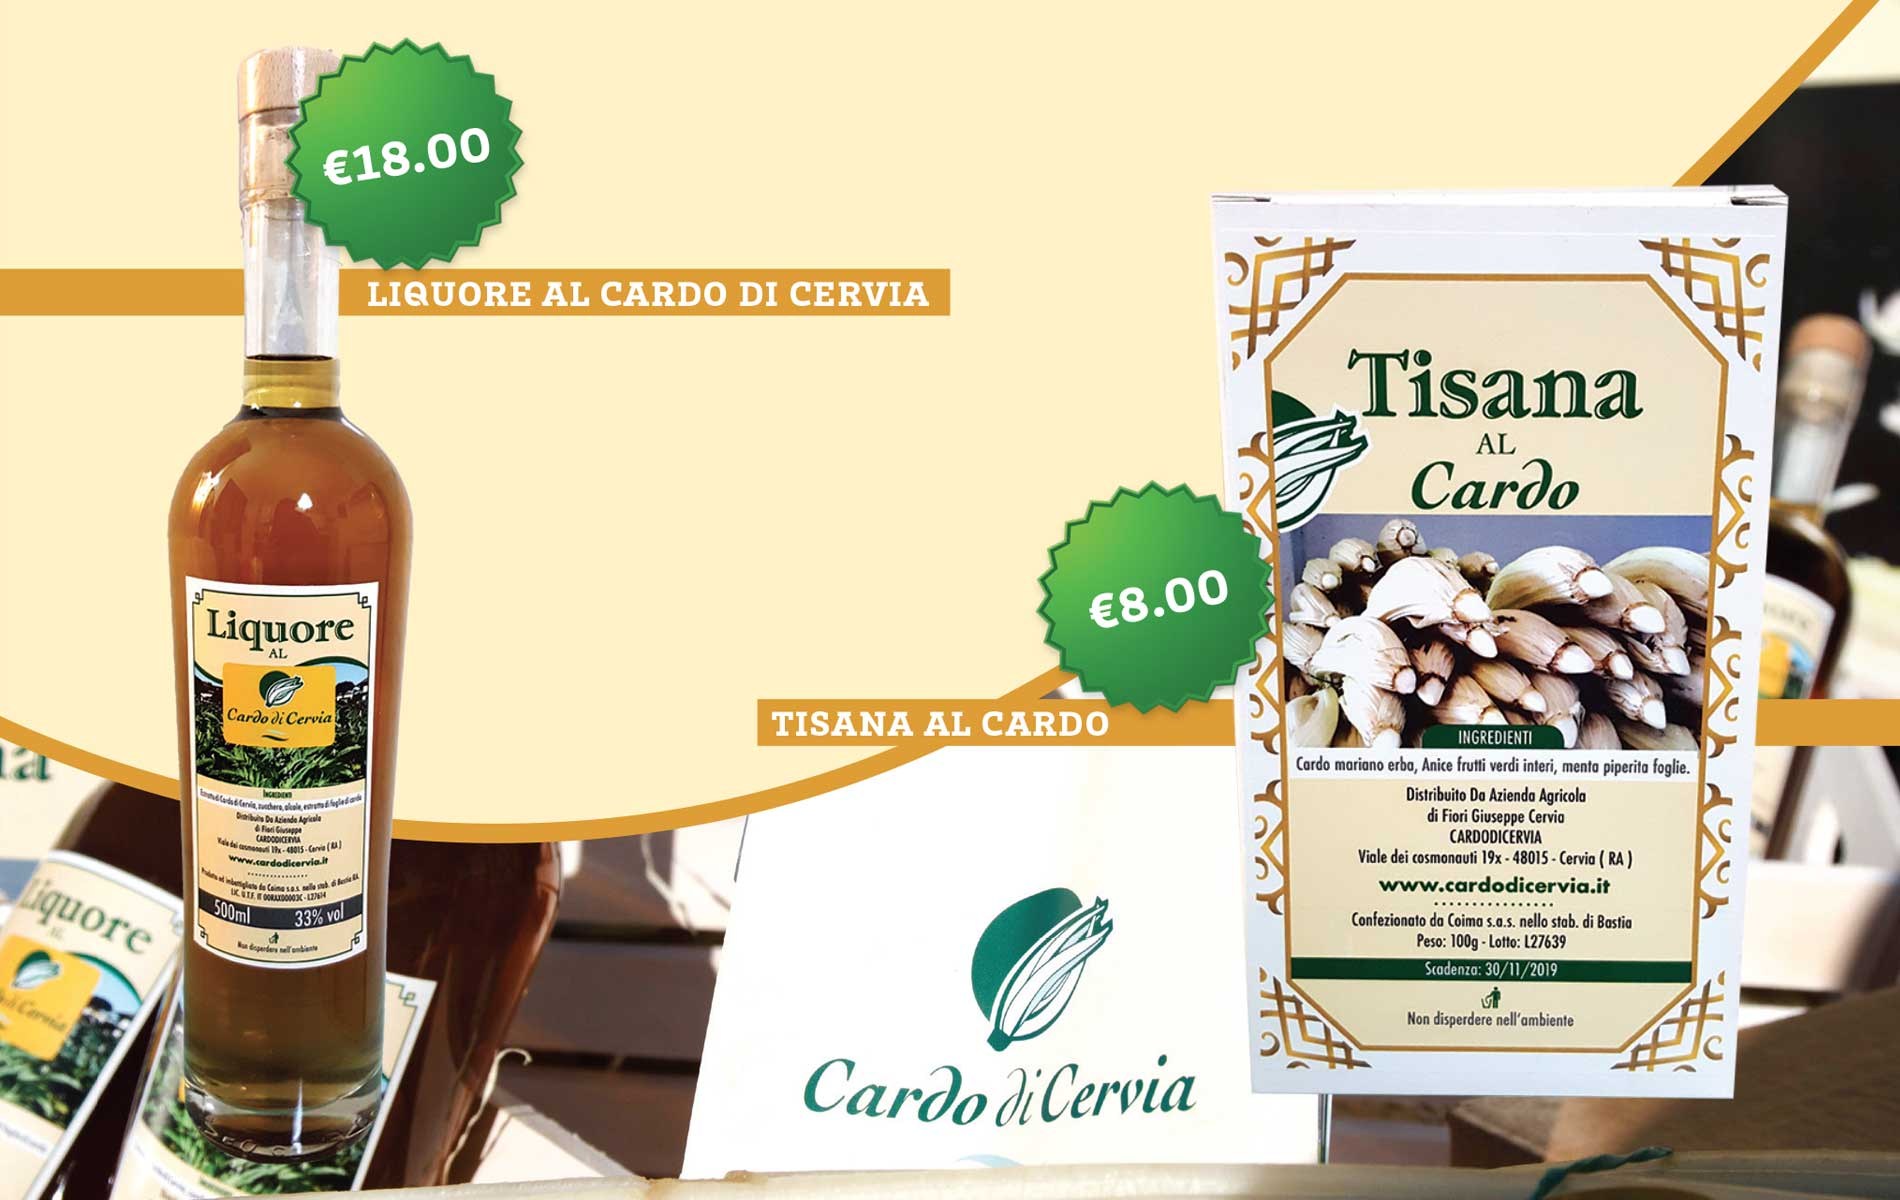 Prodotti Cardo di Cervia in vendita